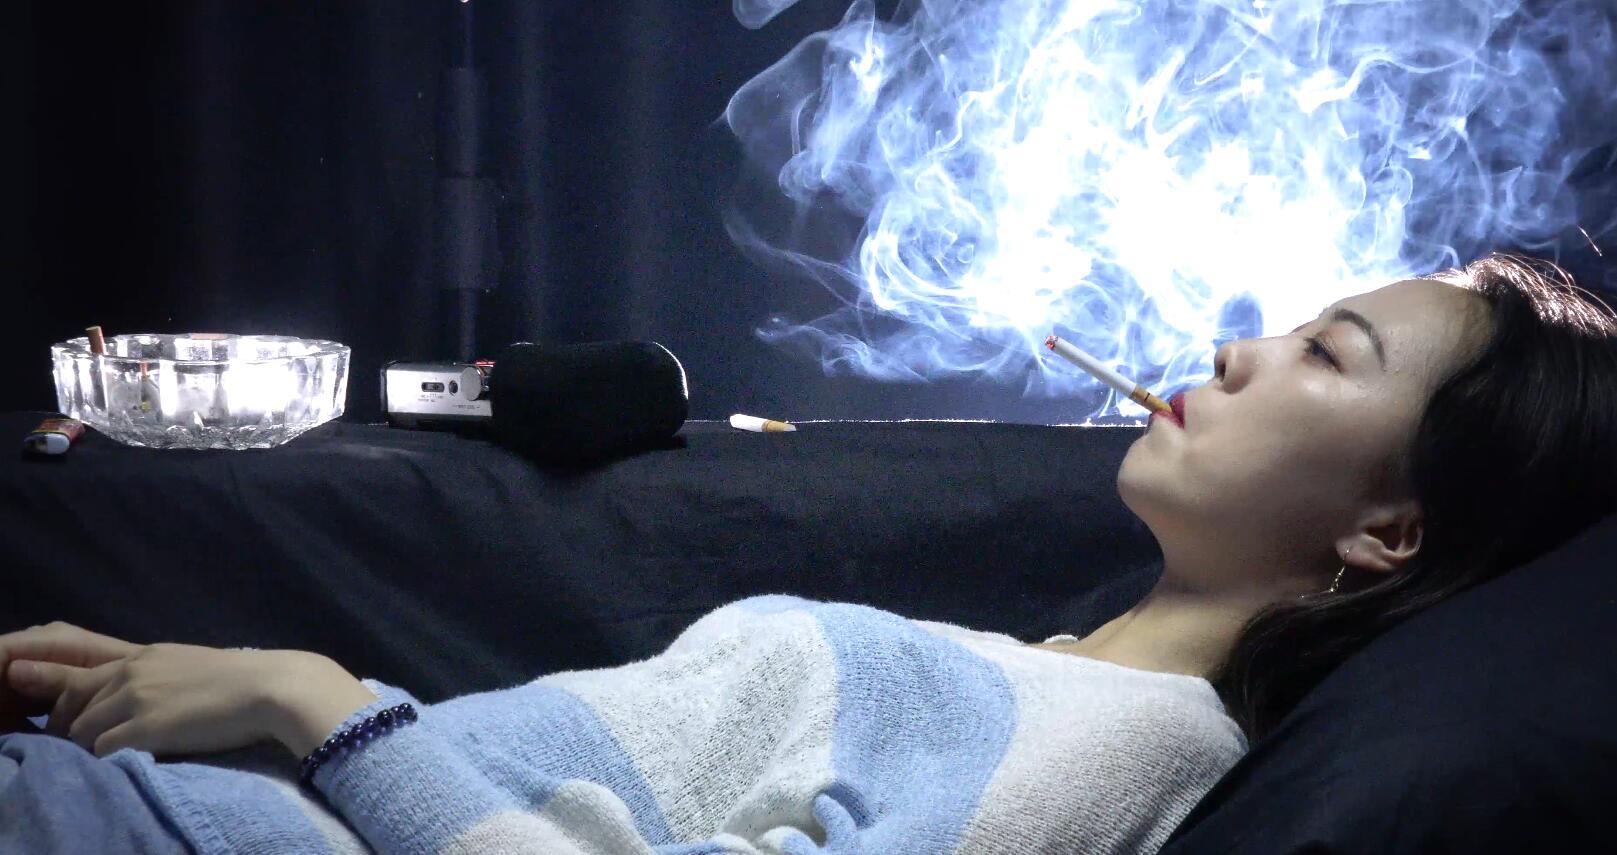 清纯的大学女生正躺抽烟4K超清版